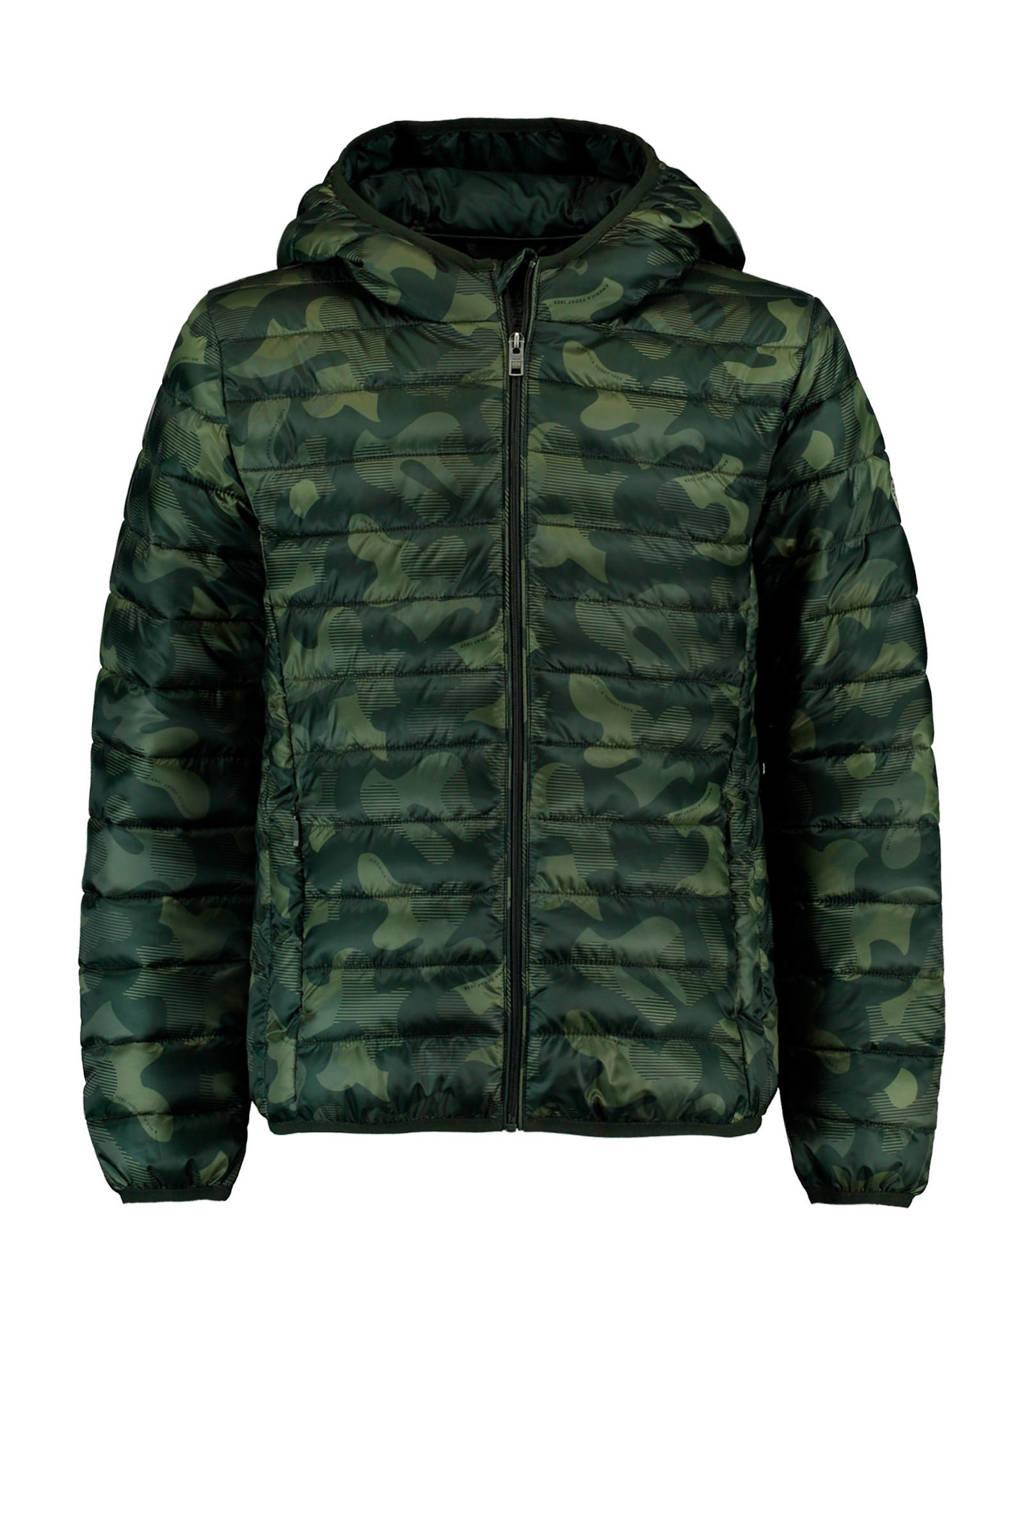 America Today Junior tussenjas met camouflageprint legergroen Alex, Legergroen